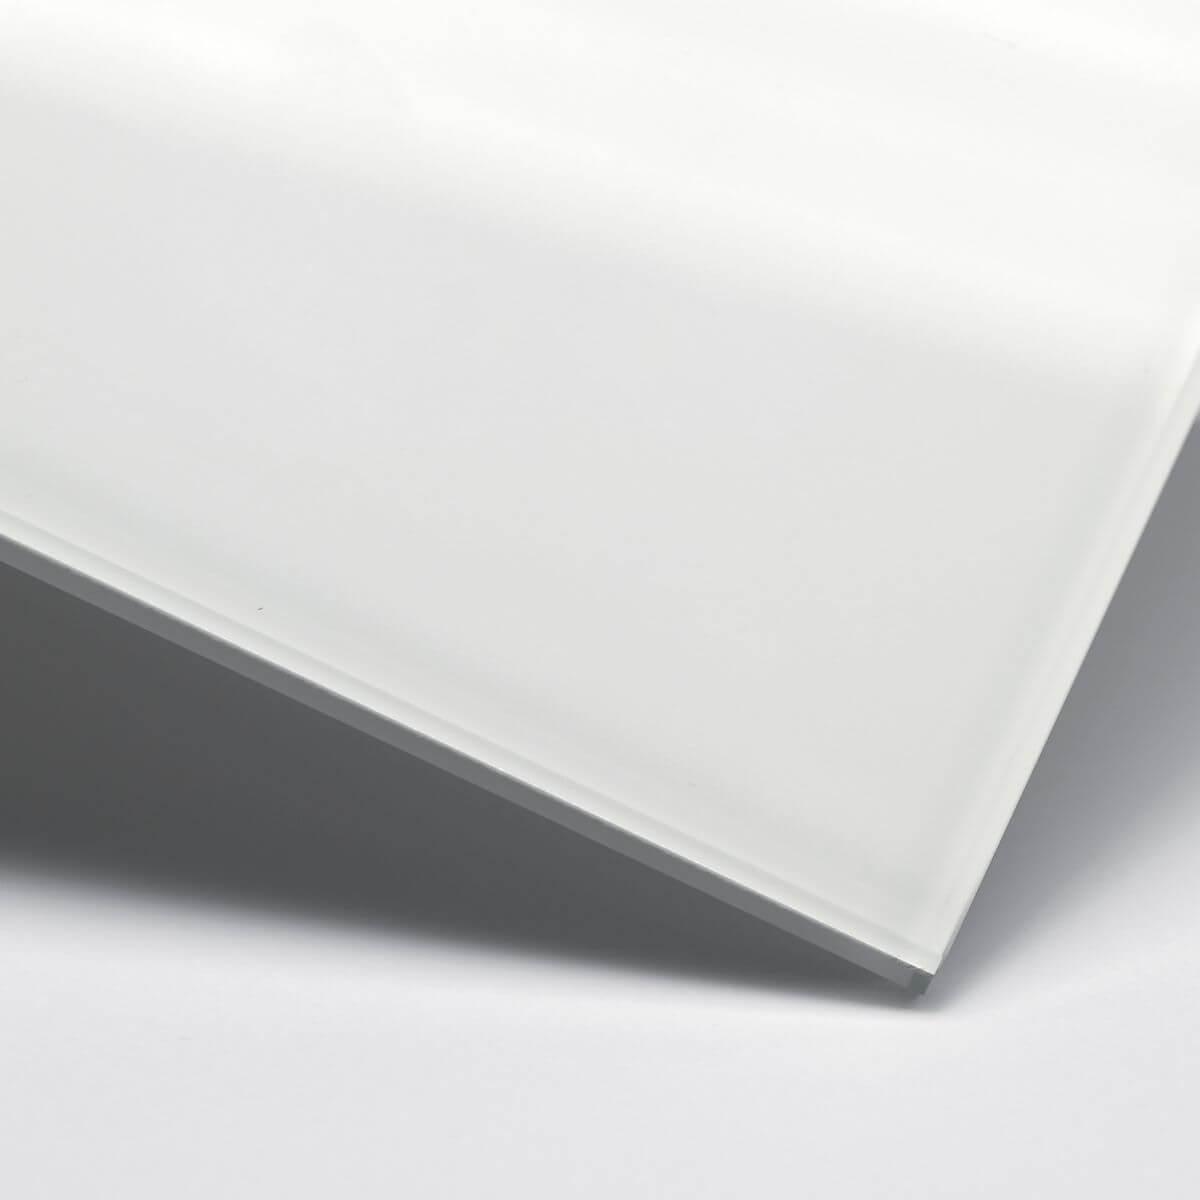 Finitura: Vetro con pellicola interna bianca coprente